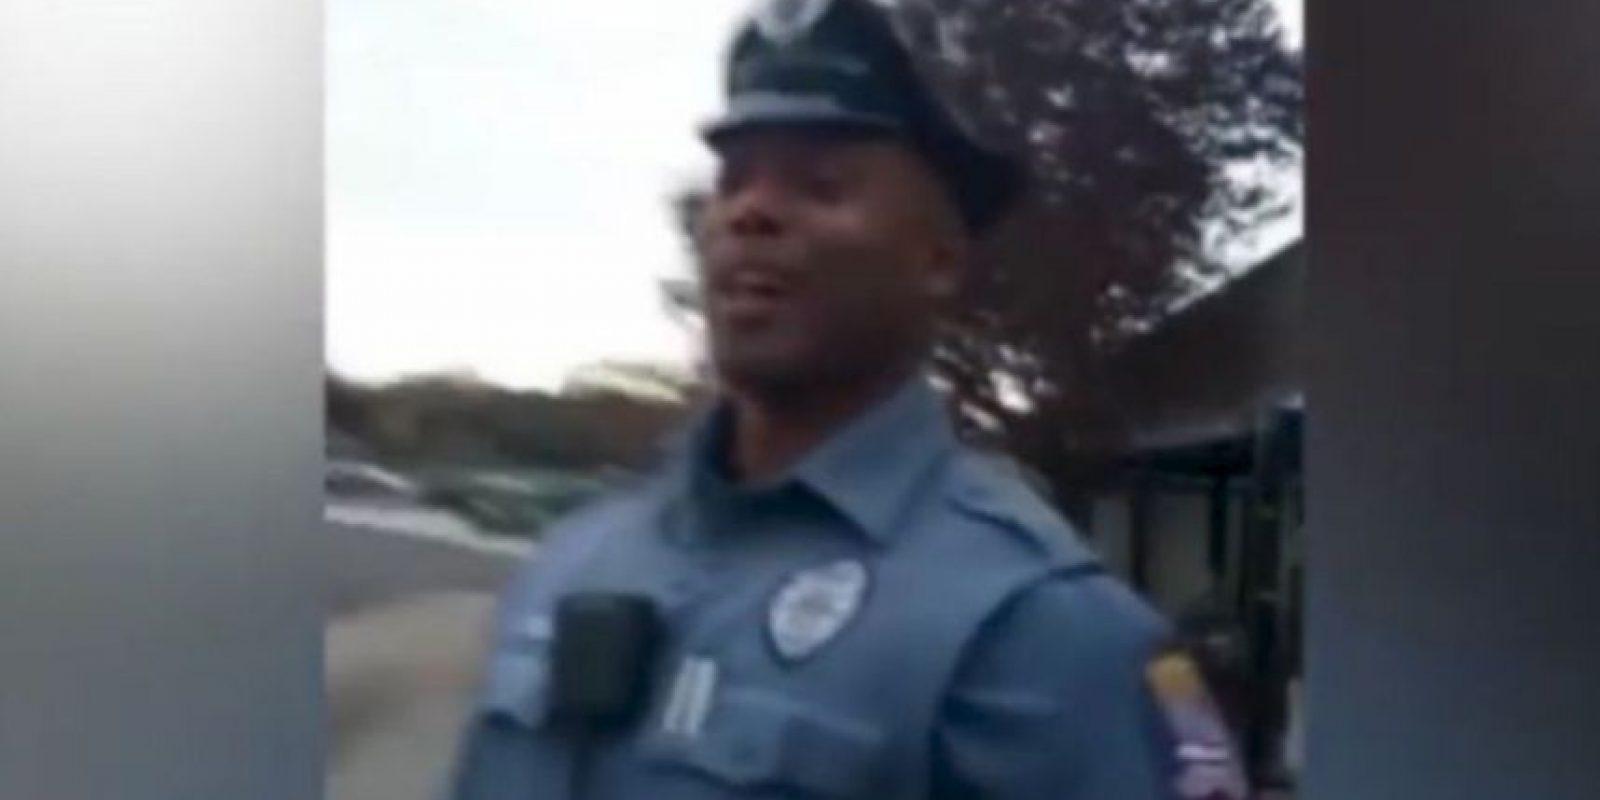 El oficial Kenya Joyner decidió comprarle zapatos a un vagabundo, luego de que expulsaran al hombre de un autobús. Foto:Youtube